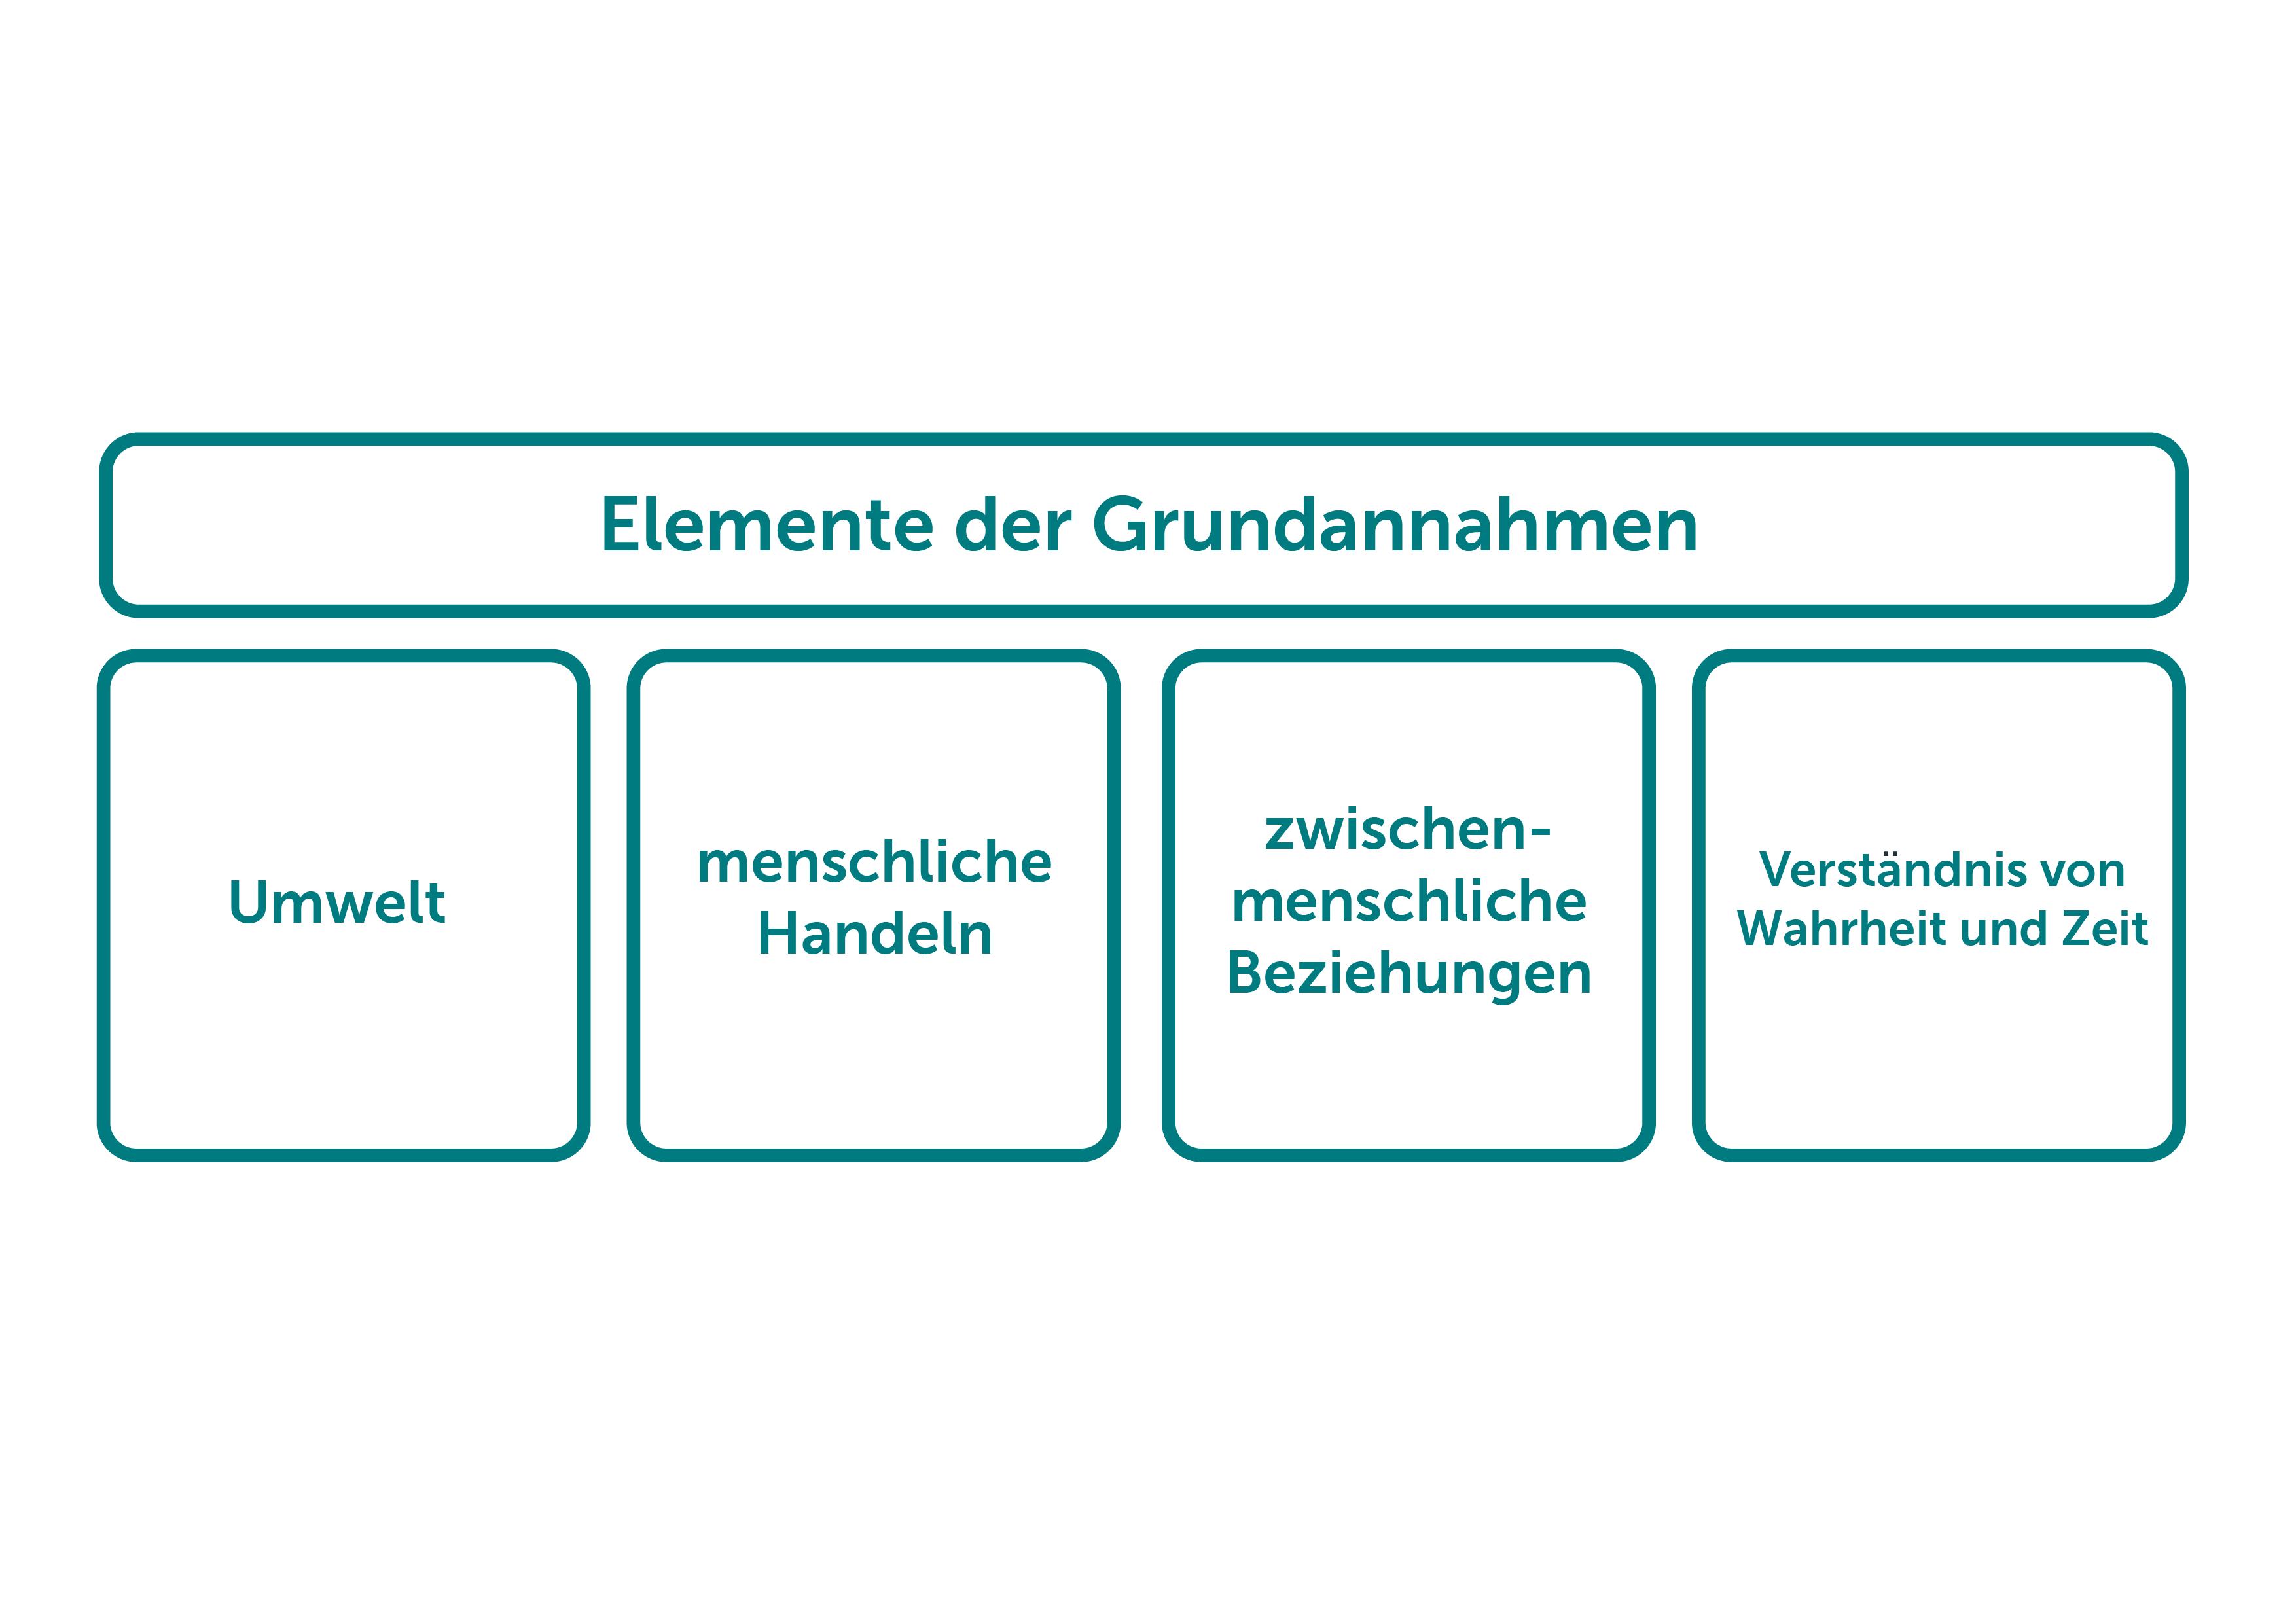 book Die Ordnung des Kontingenten: Beiträge zur zahlenmäßigen Selbstbeschreibung der